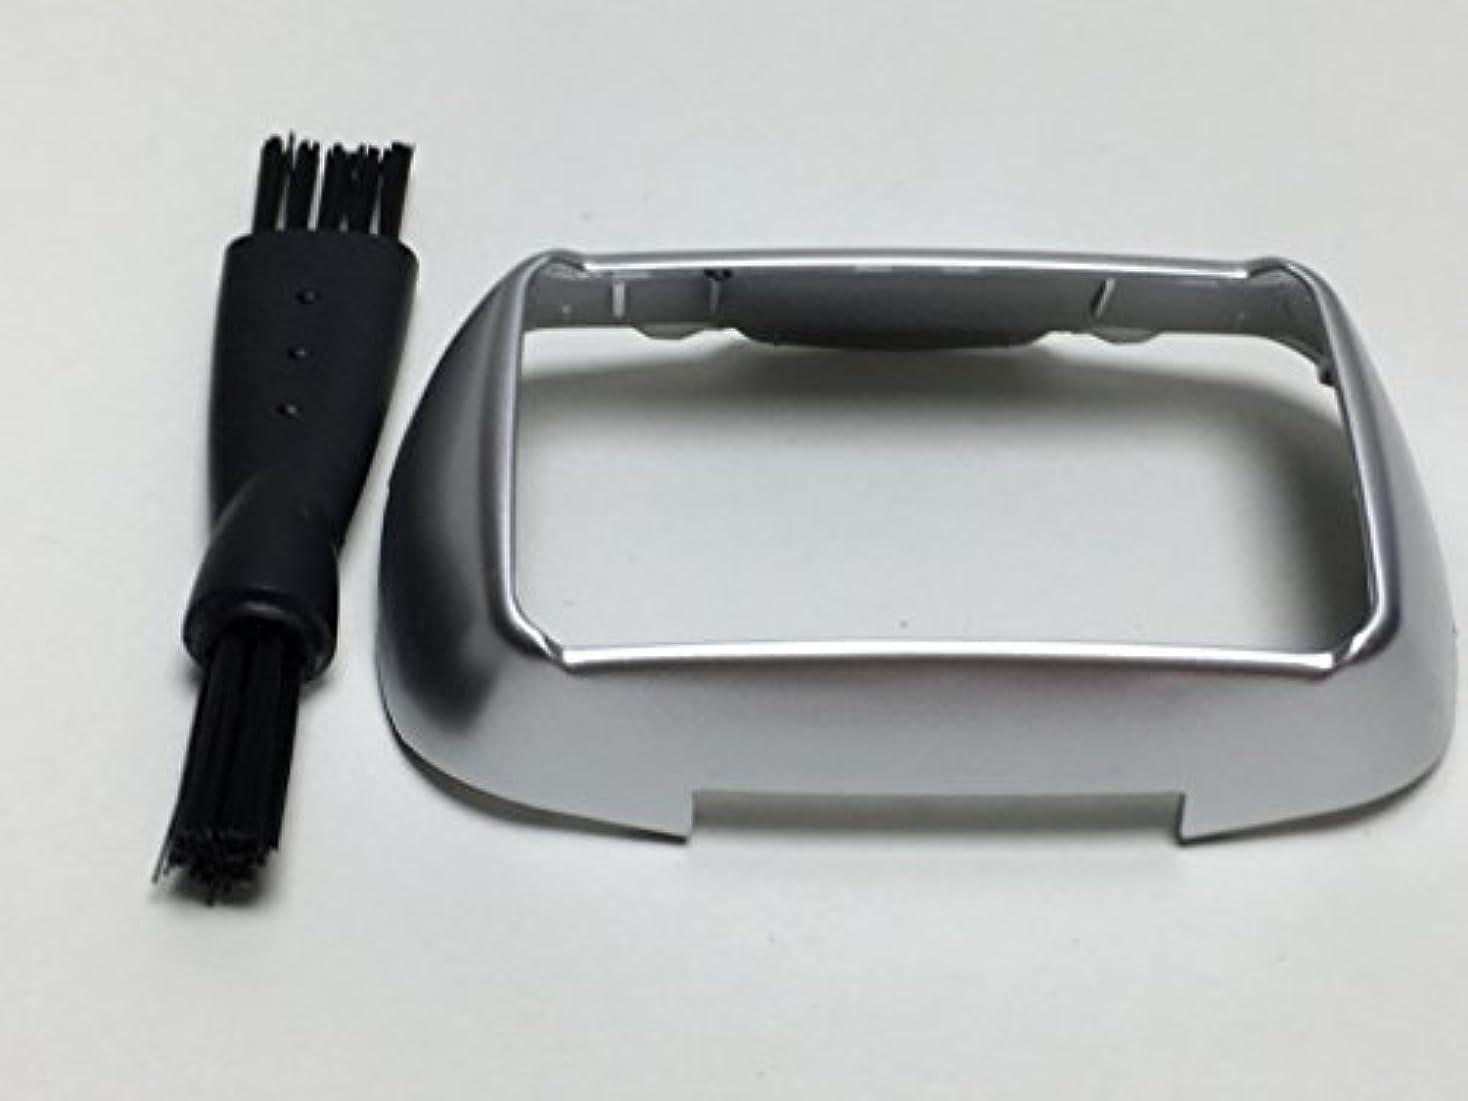 シェービングカミソリヘッドフレームホルダーカバー For Panasonic Arc5 ES-LV54 ES-LV56 ES-ELV5-K ES-LV53-K メンズ シェーバー Shaver Razor Head Frame...